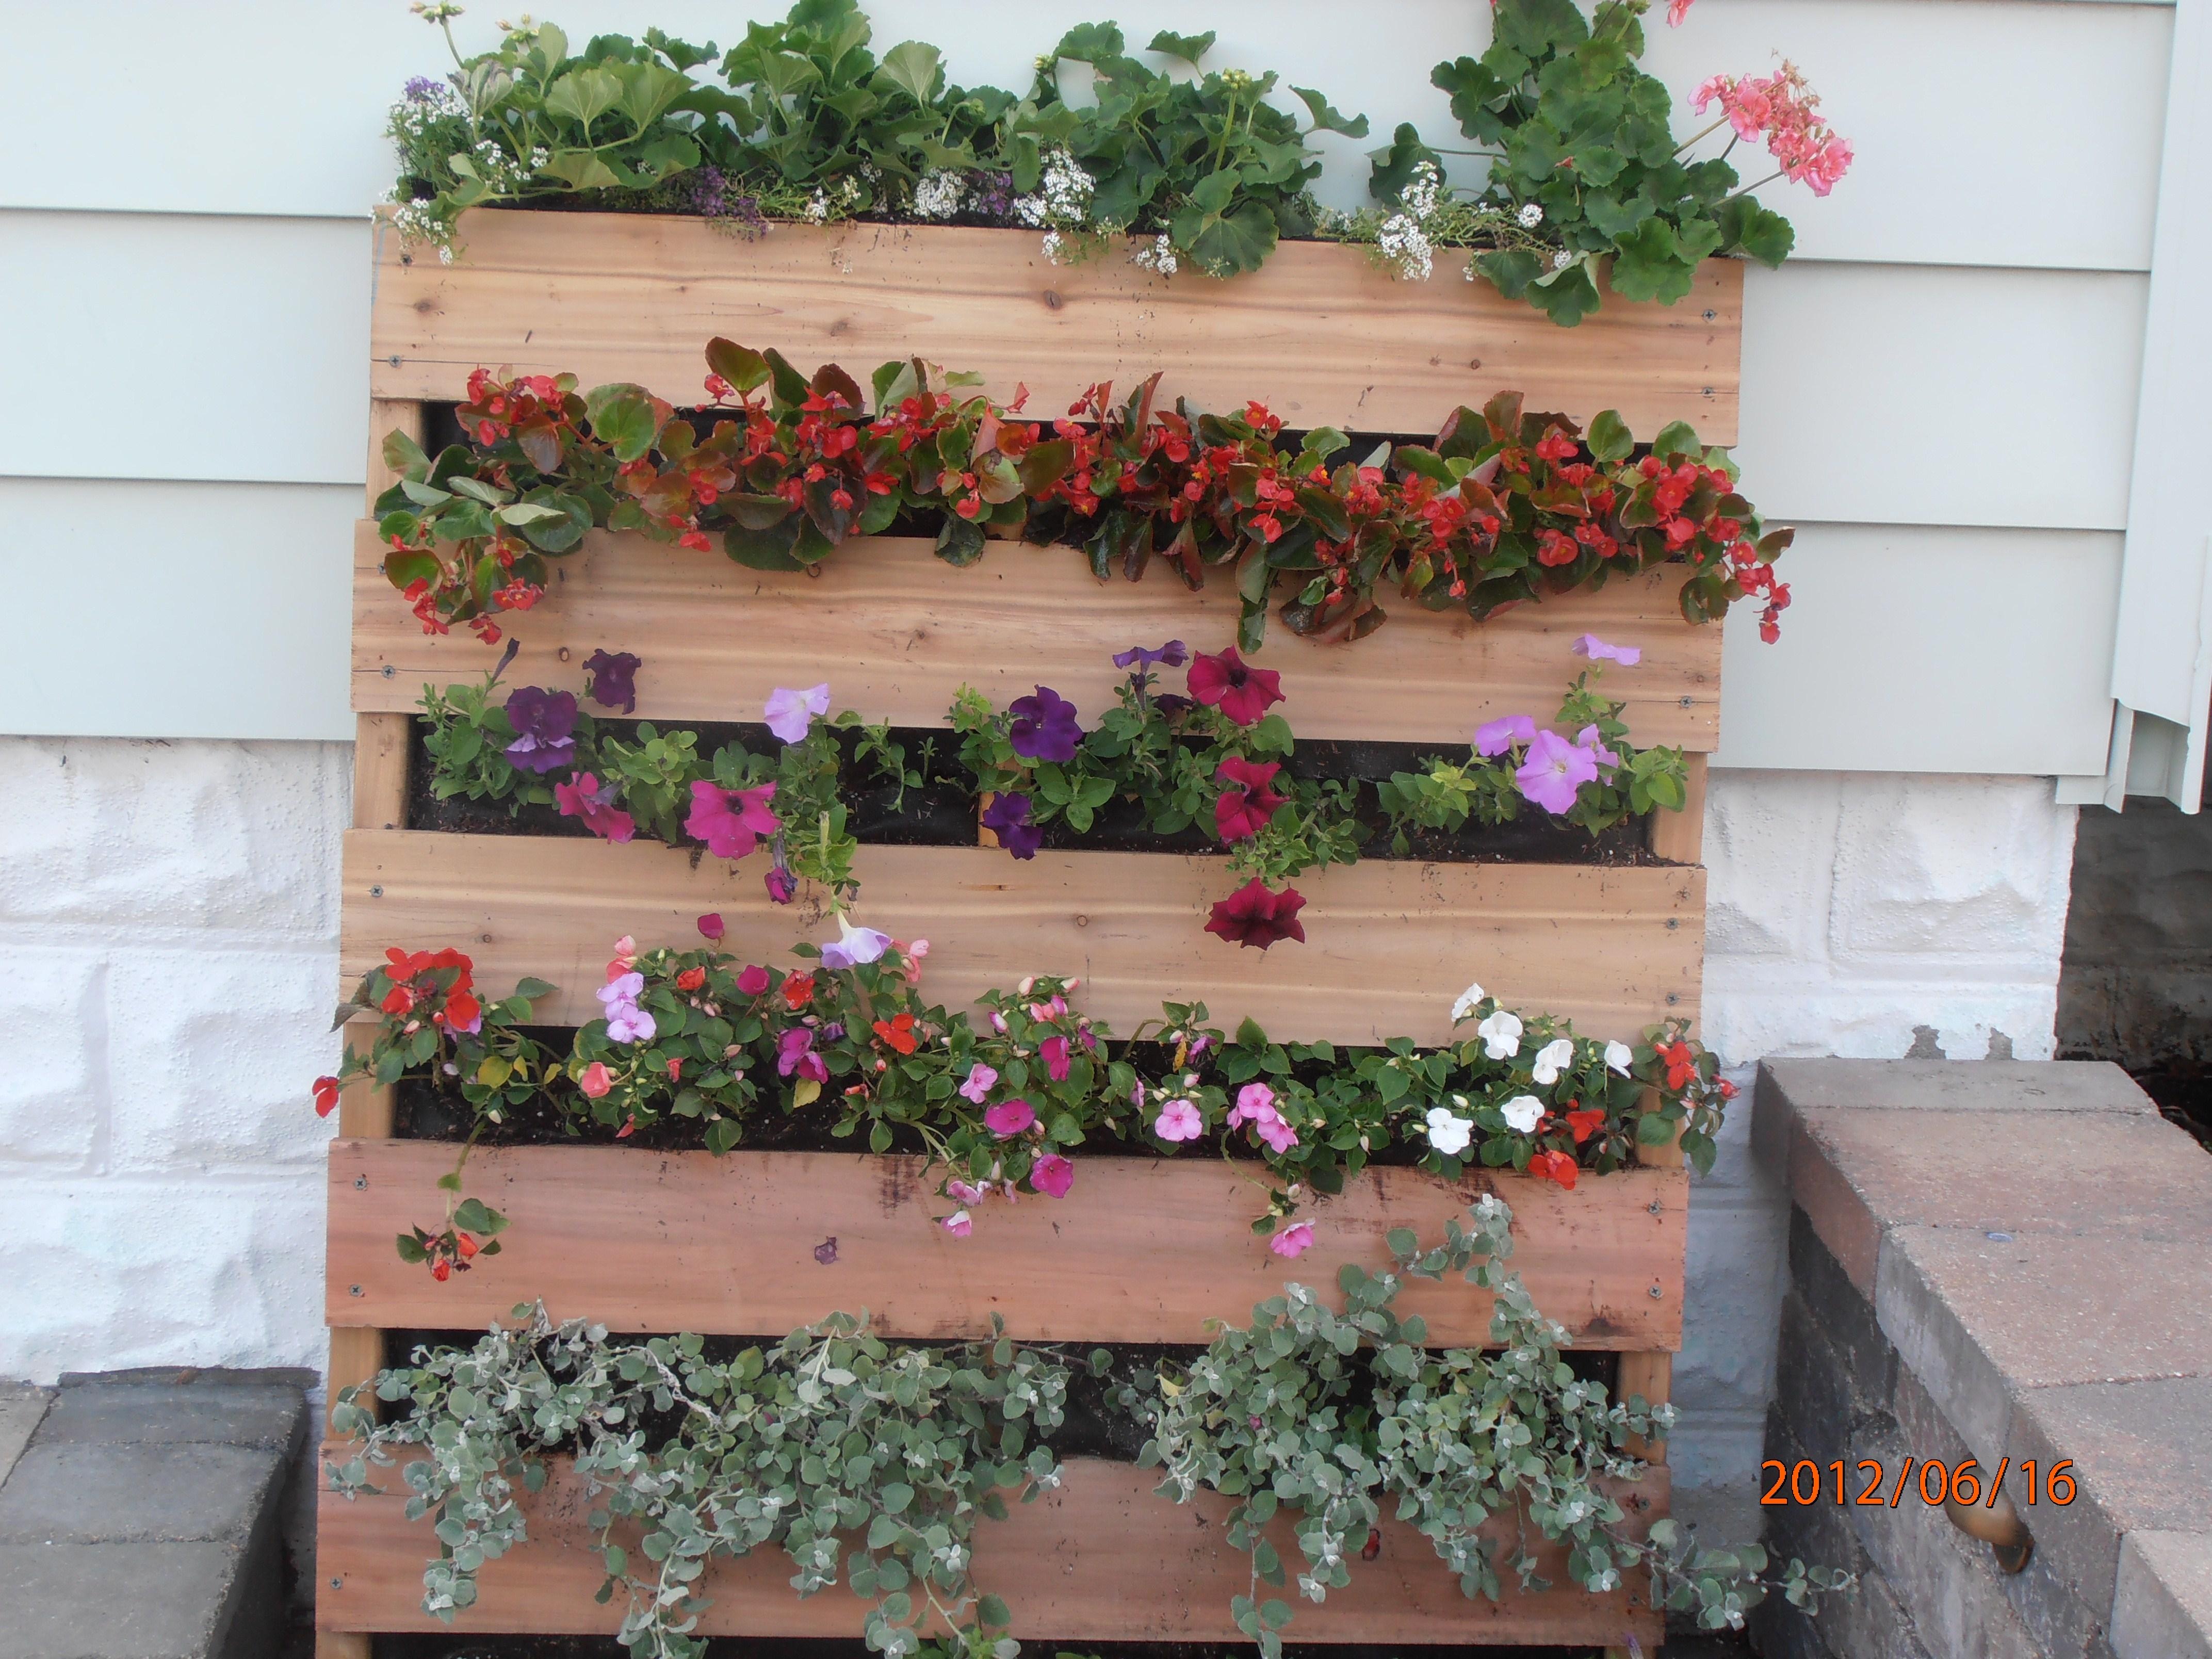 Giardino verticale fai da te progettazione giardini - Giardino d inverno fai da te ...